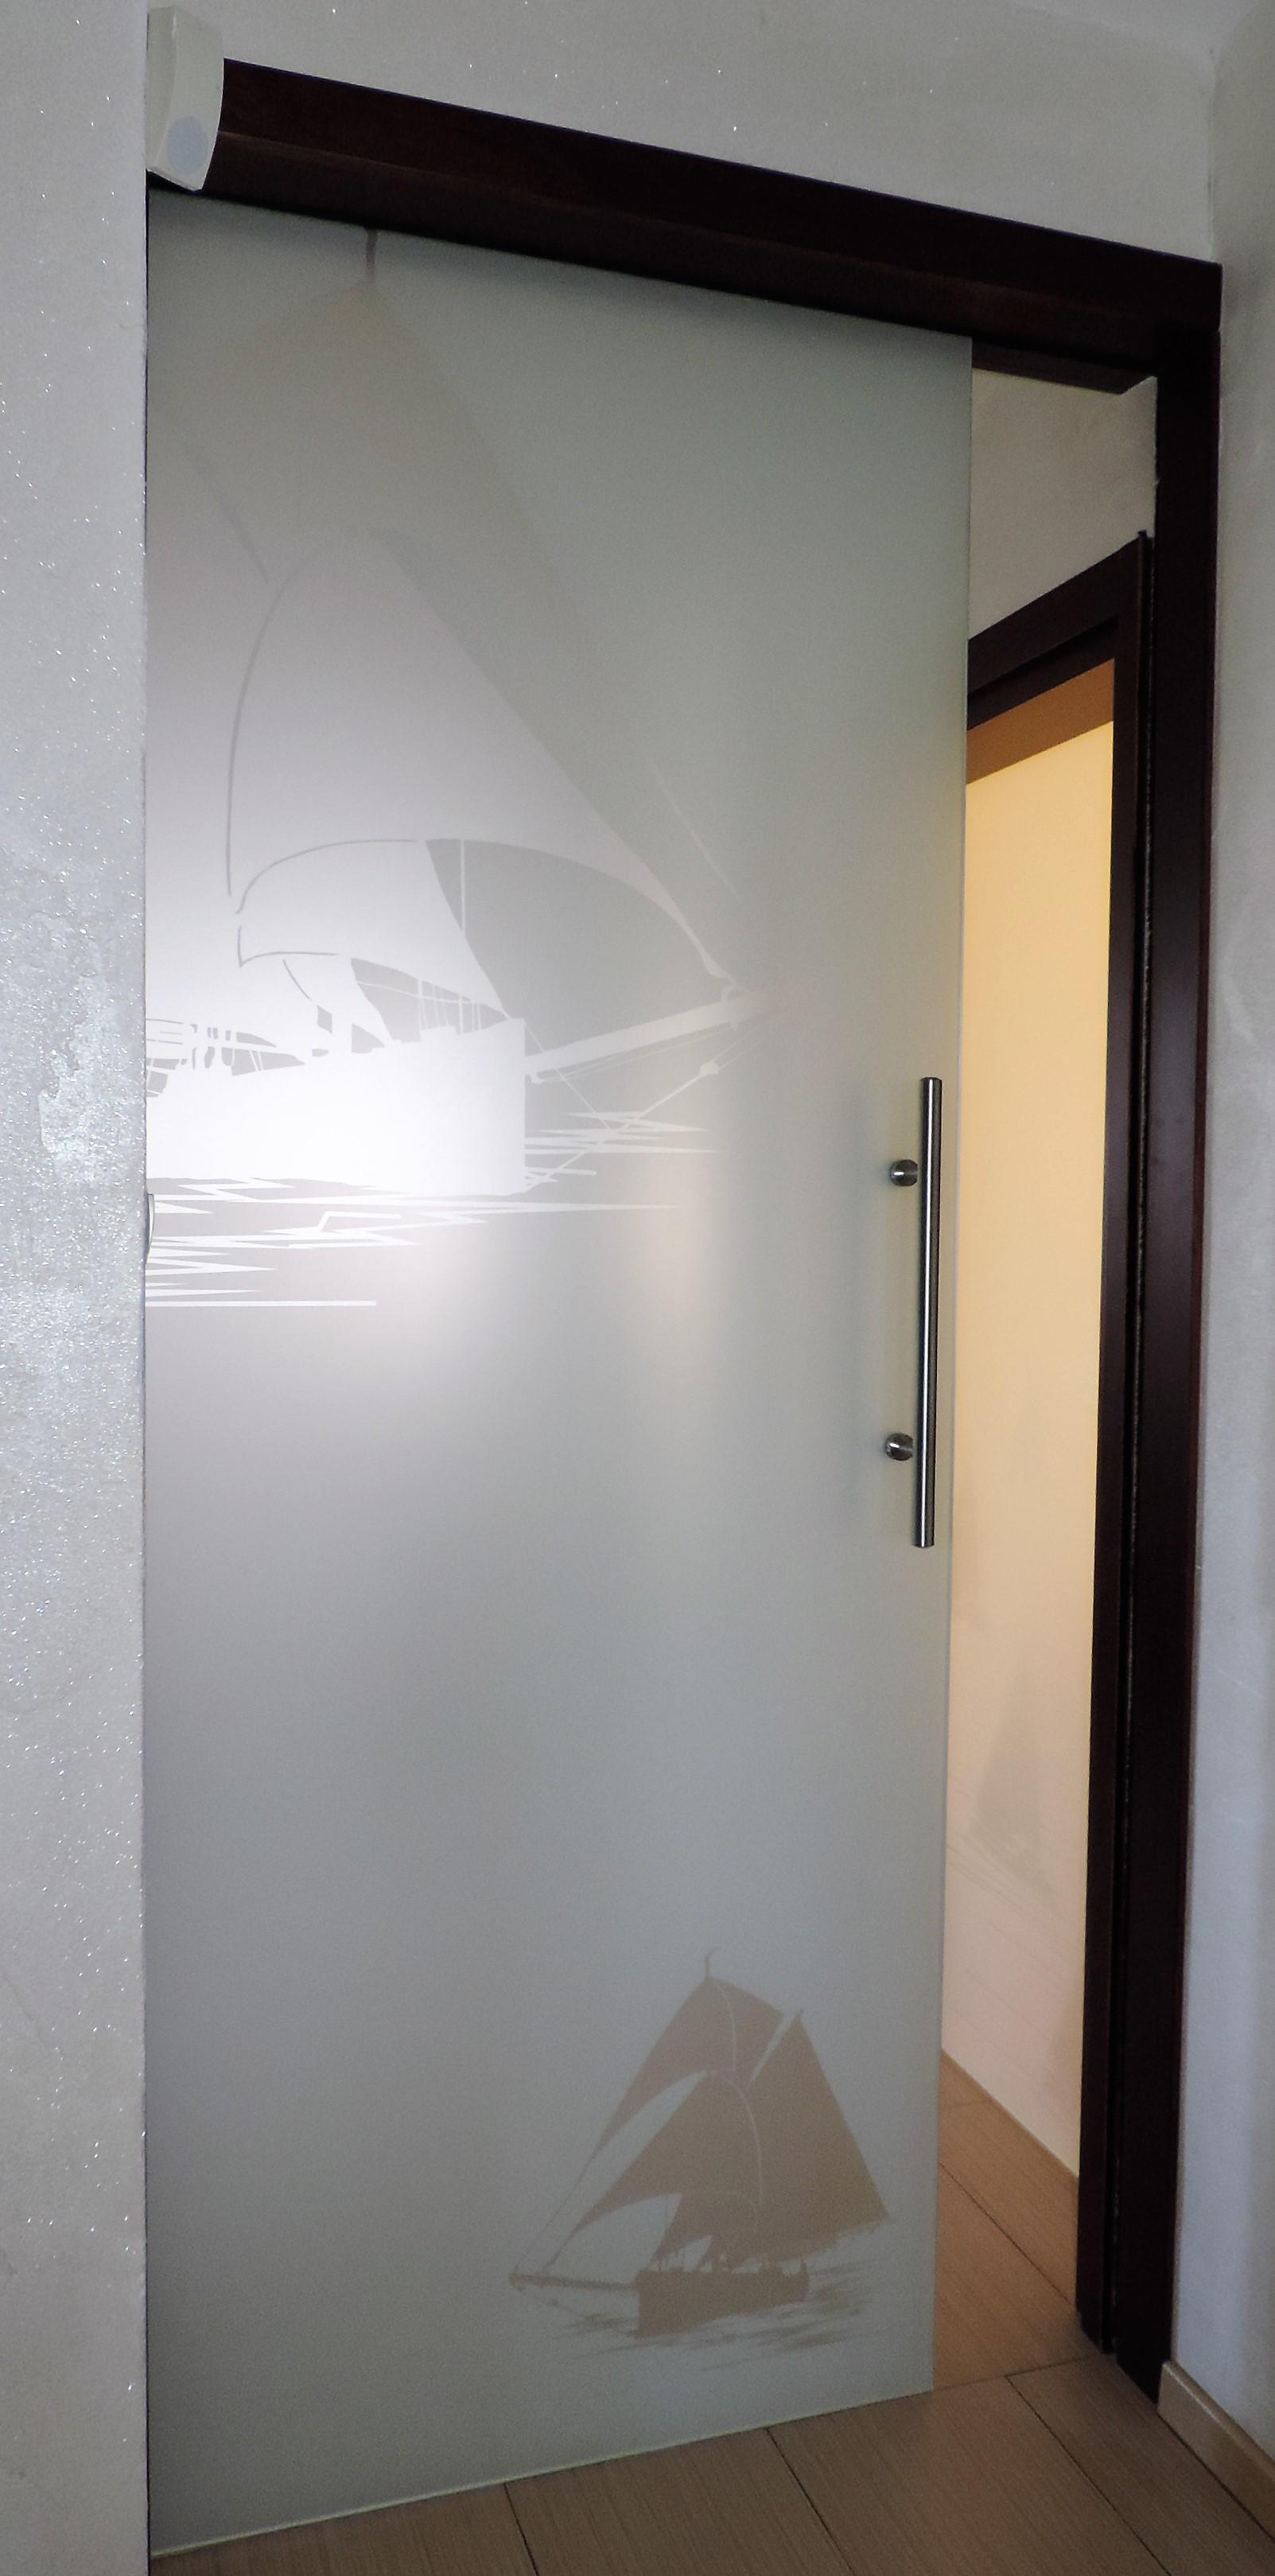 przesuwne drzwi szklane, szkło matowe, motyw morski- żaglowiec